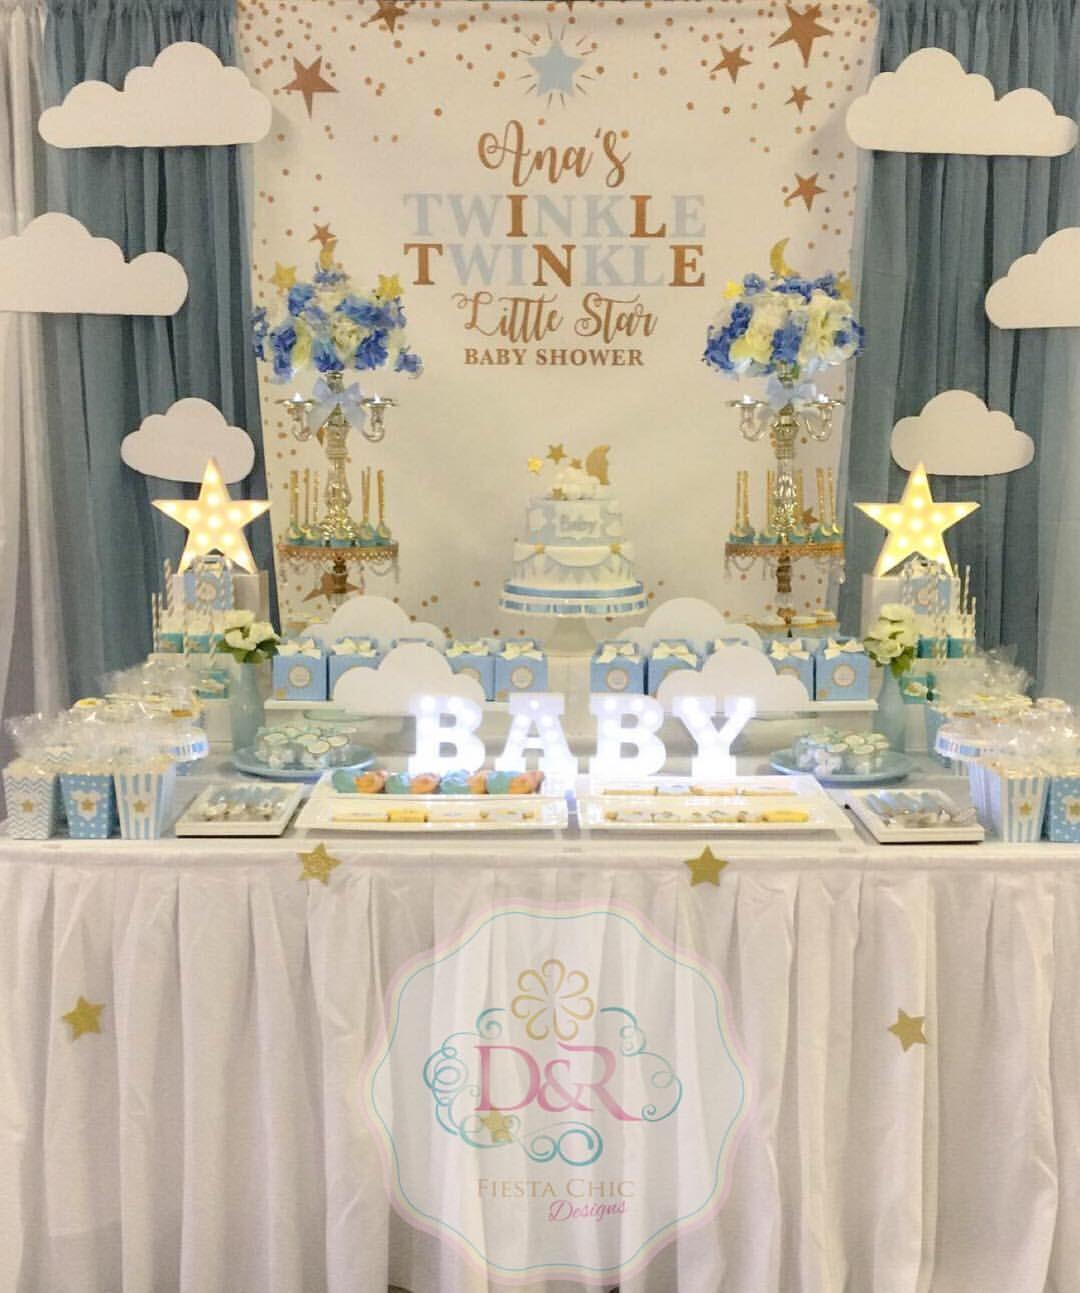 Twinkle Twinkle Little Star Baby Shower Ideas Twinkle